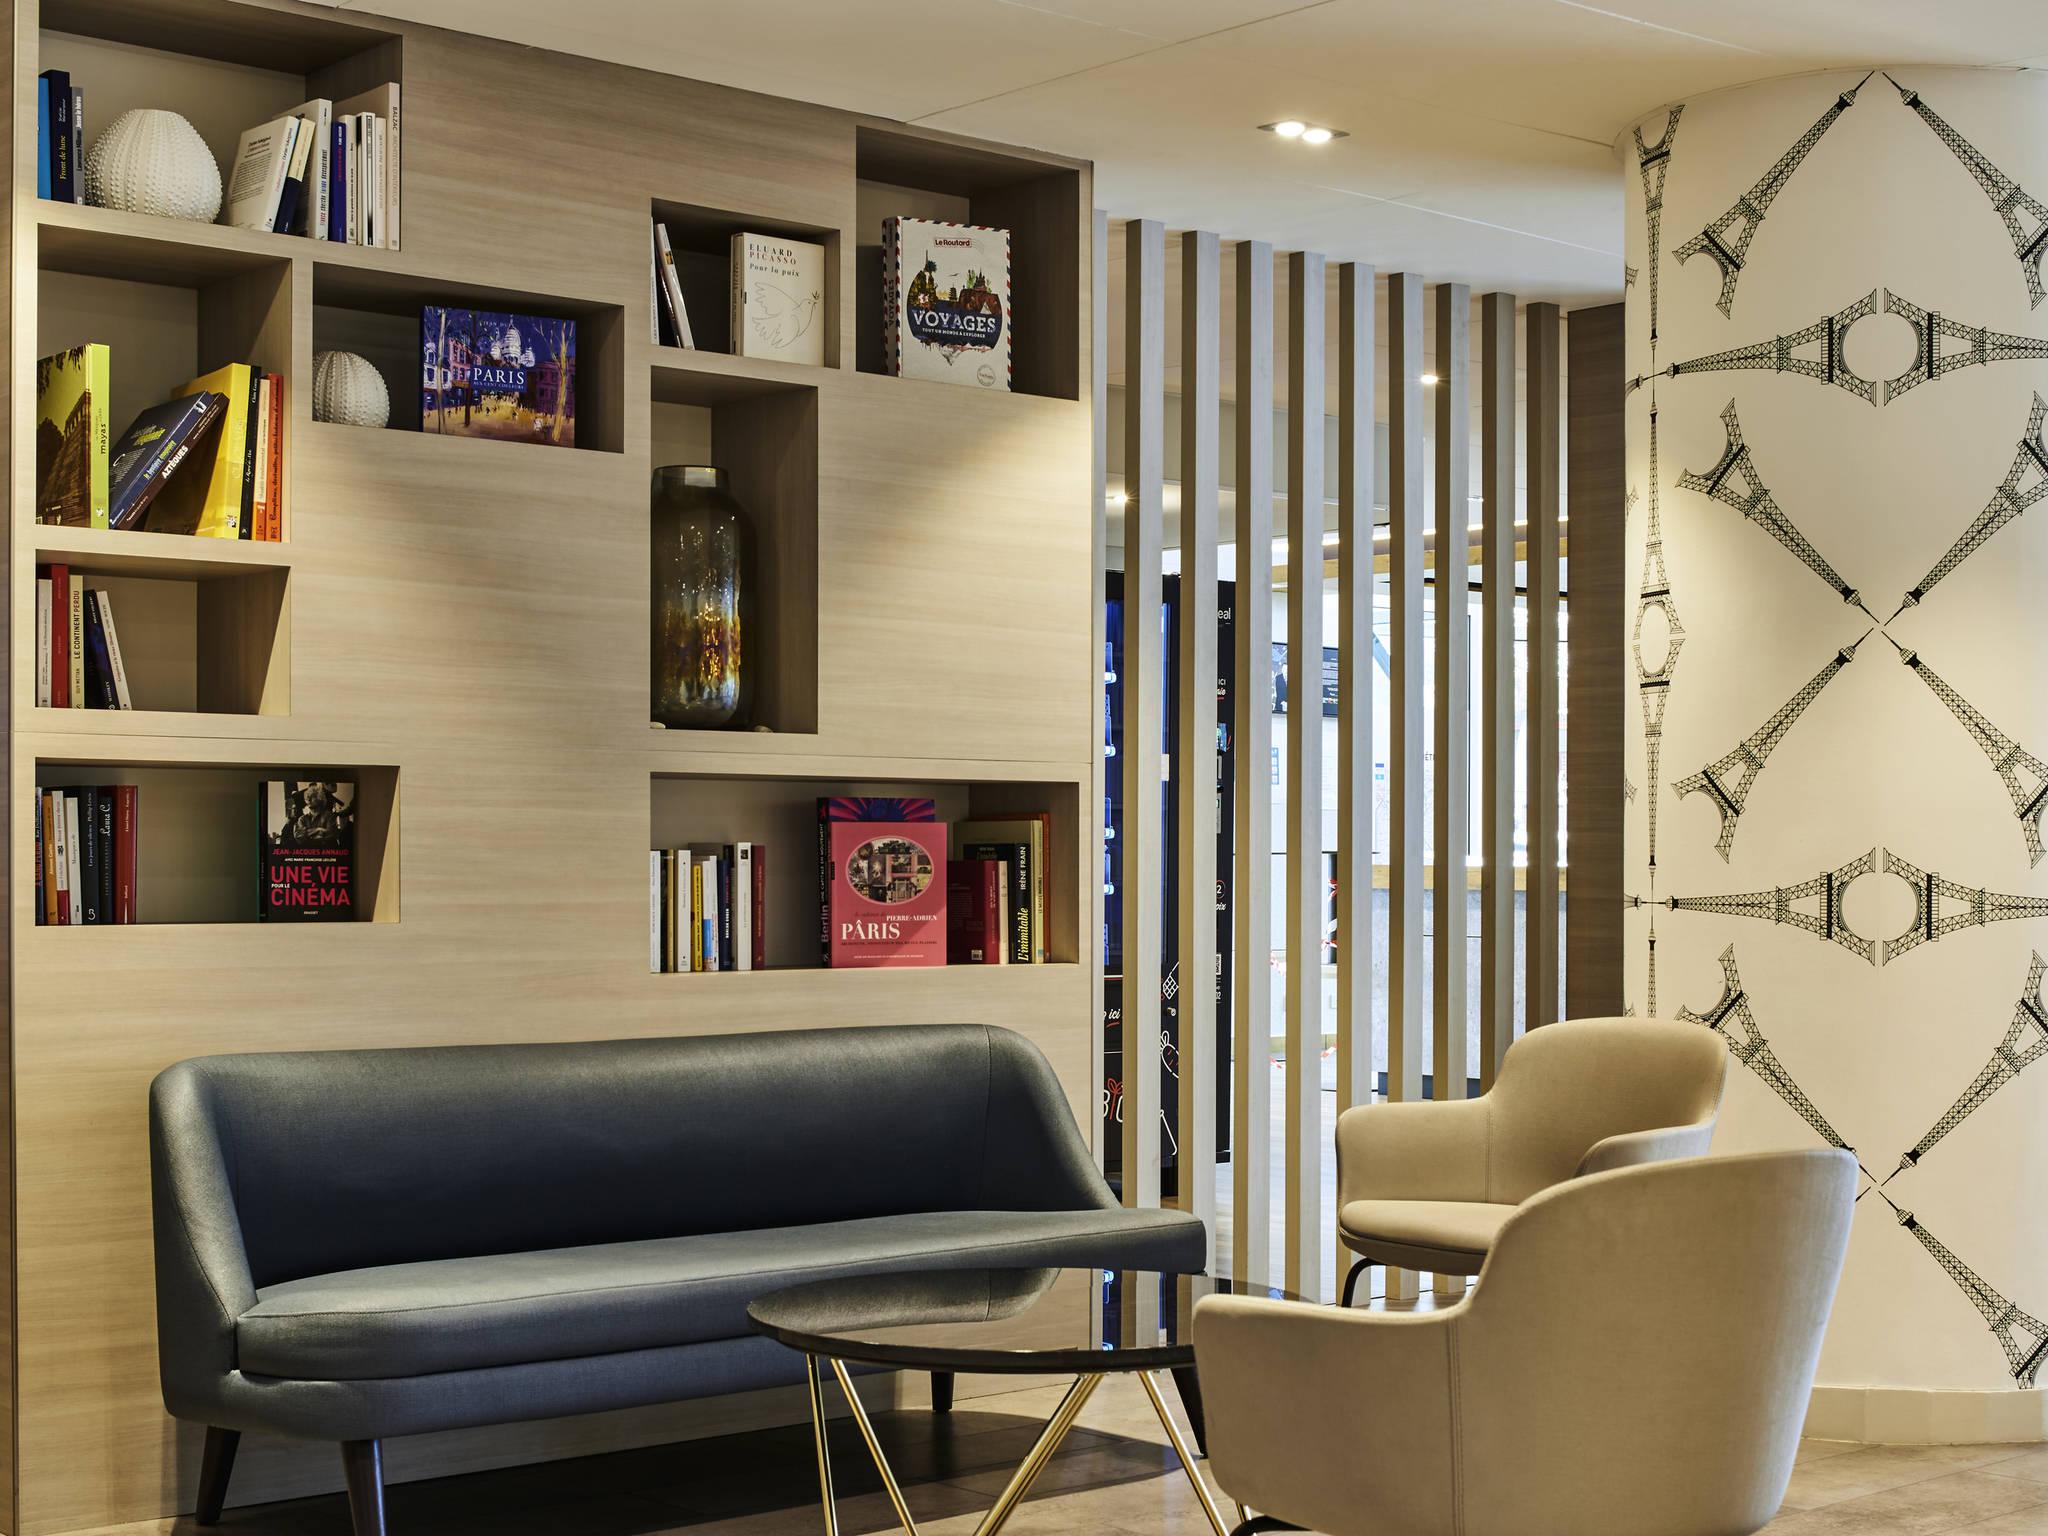 โรงแรม – ไอบิส ปารีส ปอร์ต เดอ มงเทรย